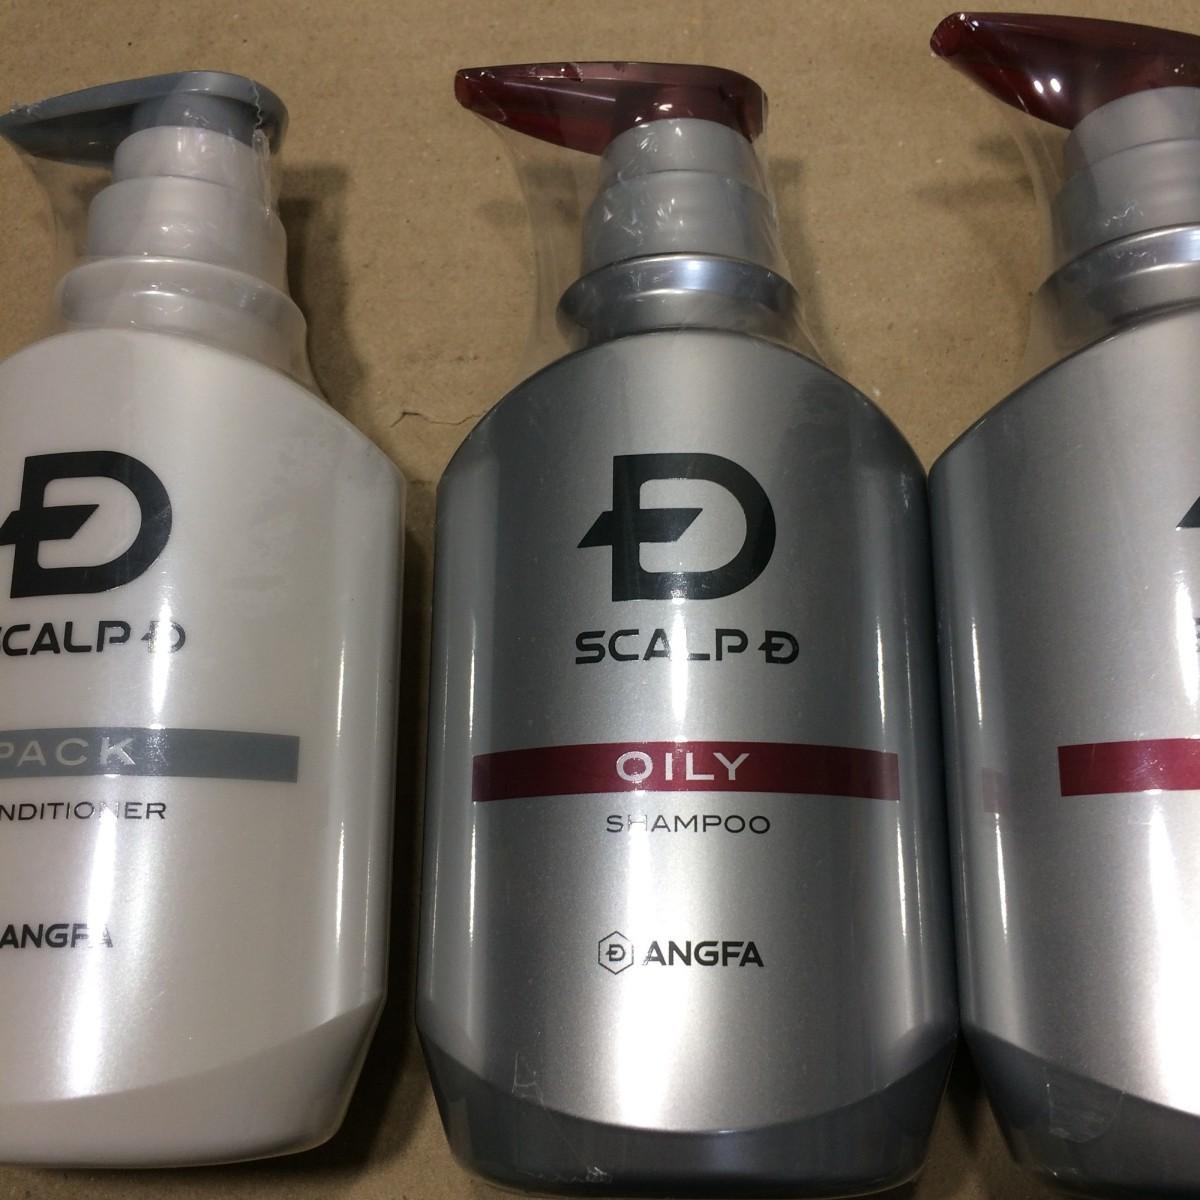 スカルプD オイリー3点セット 薬用スカルプシャンプー&薬用パックコンディショナー スカルプD 薬用スカルプシャンプー